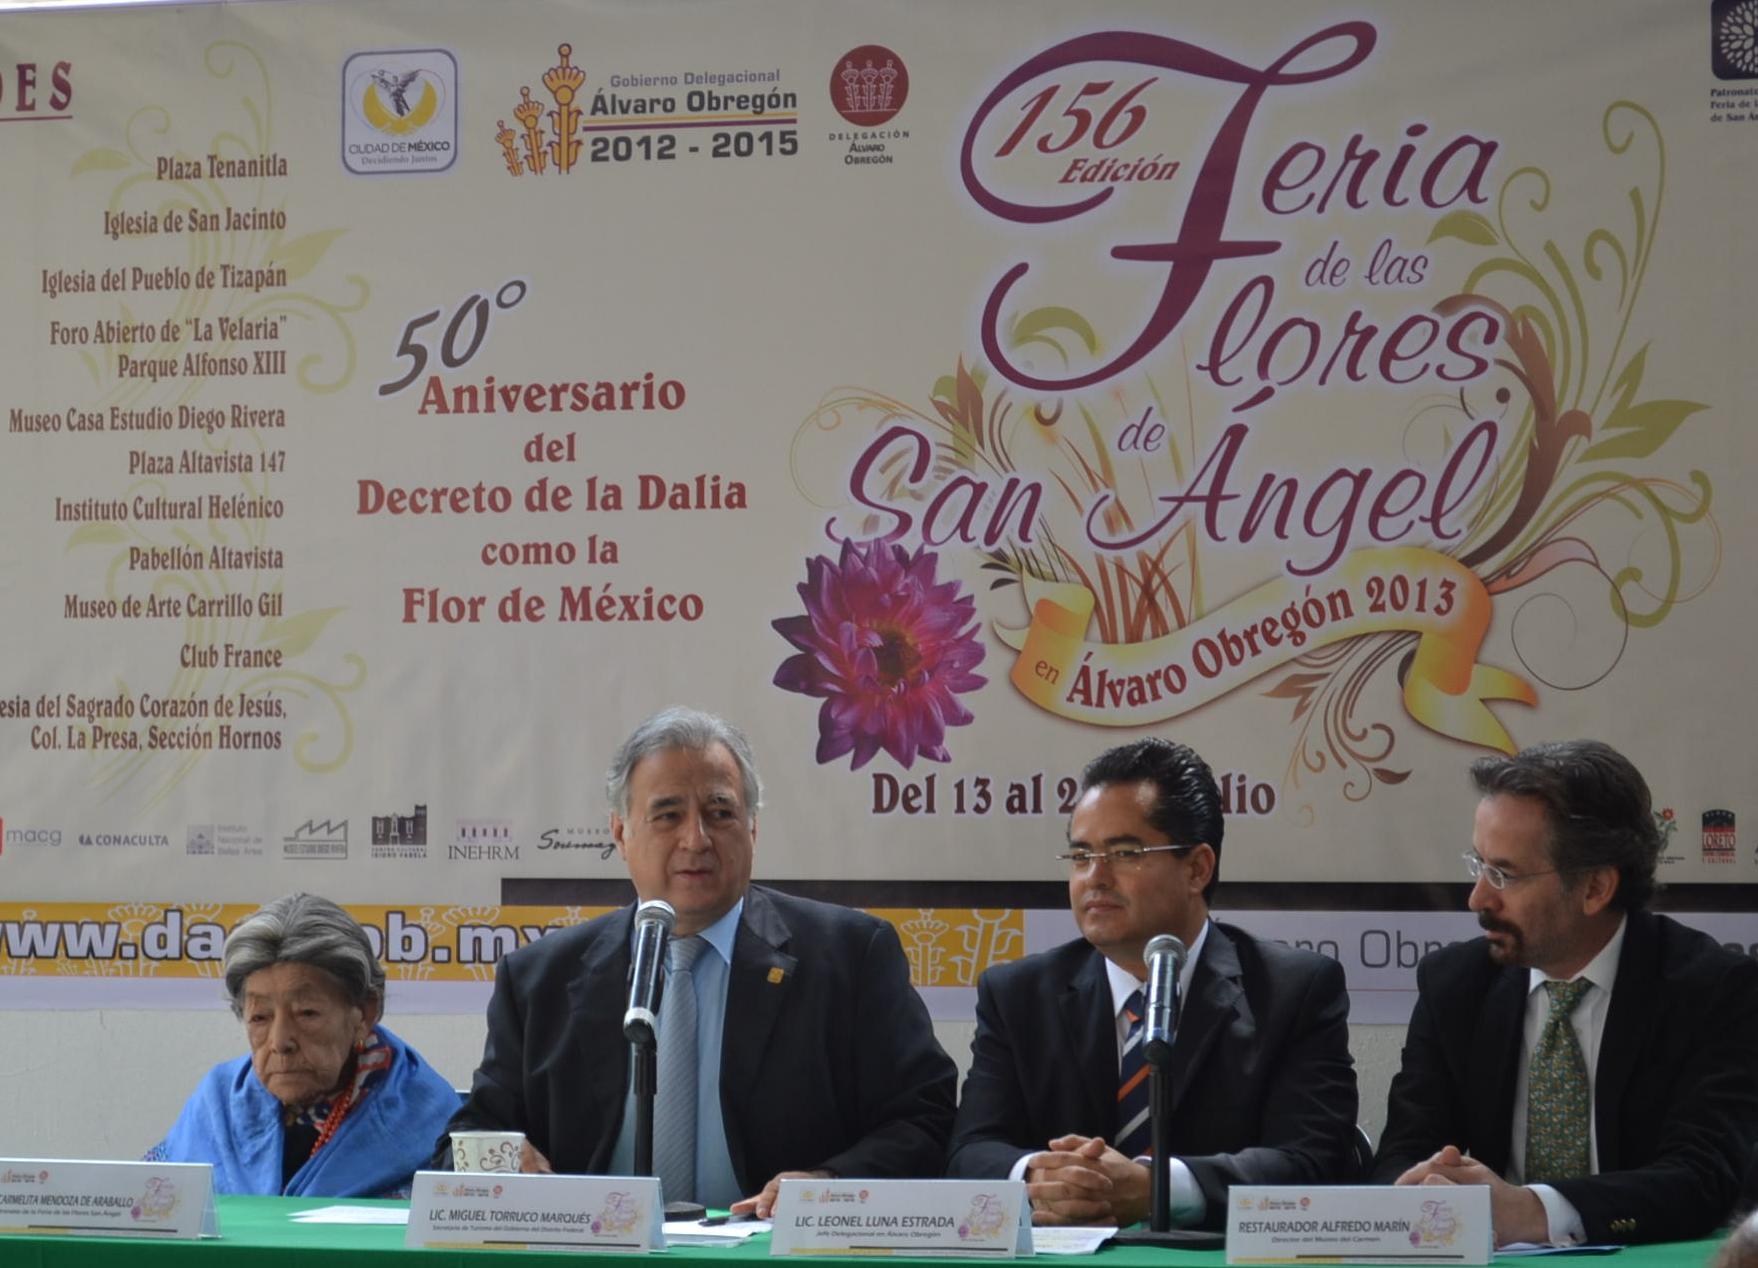 Presentación Feria de las Flores